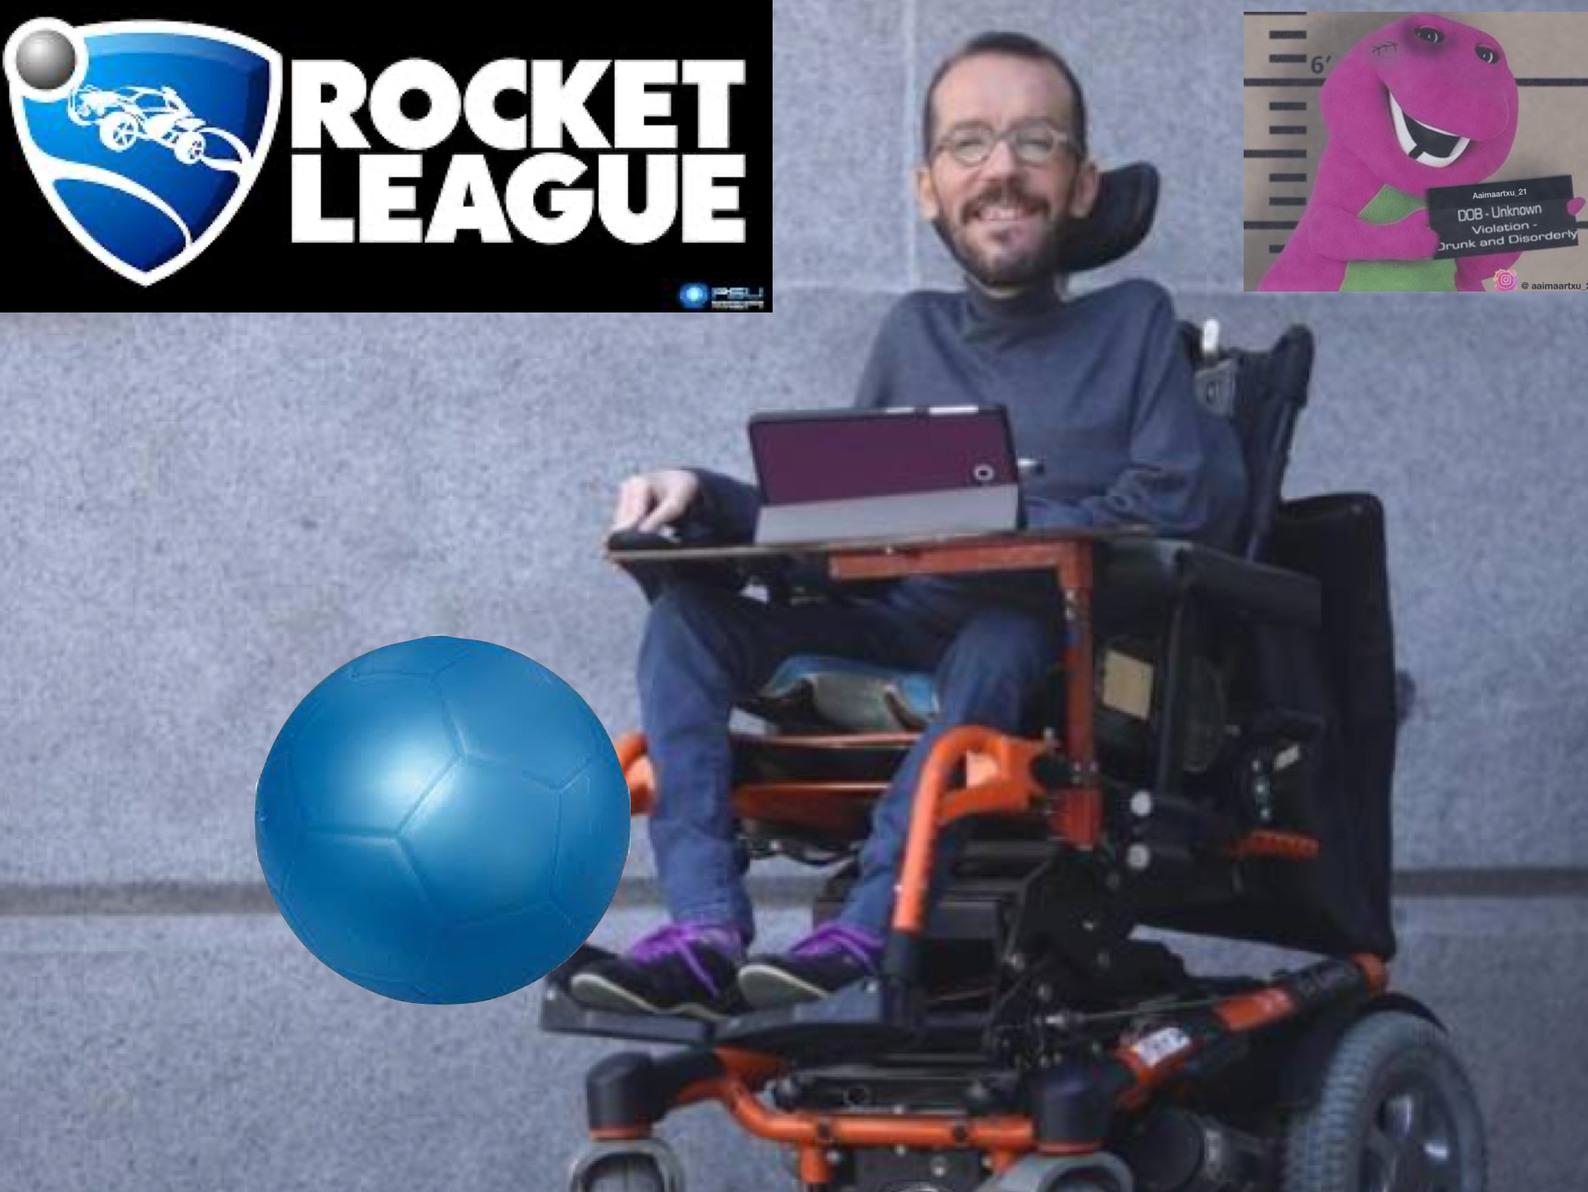 Tretraplegic boy - meme